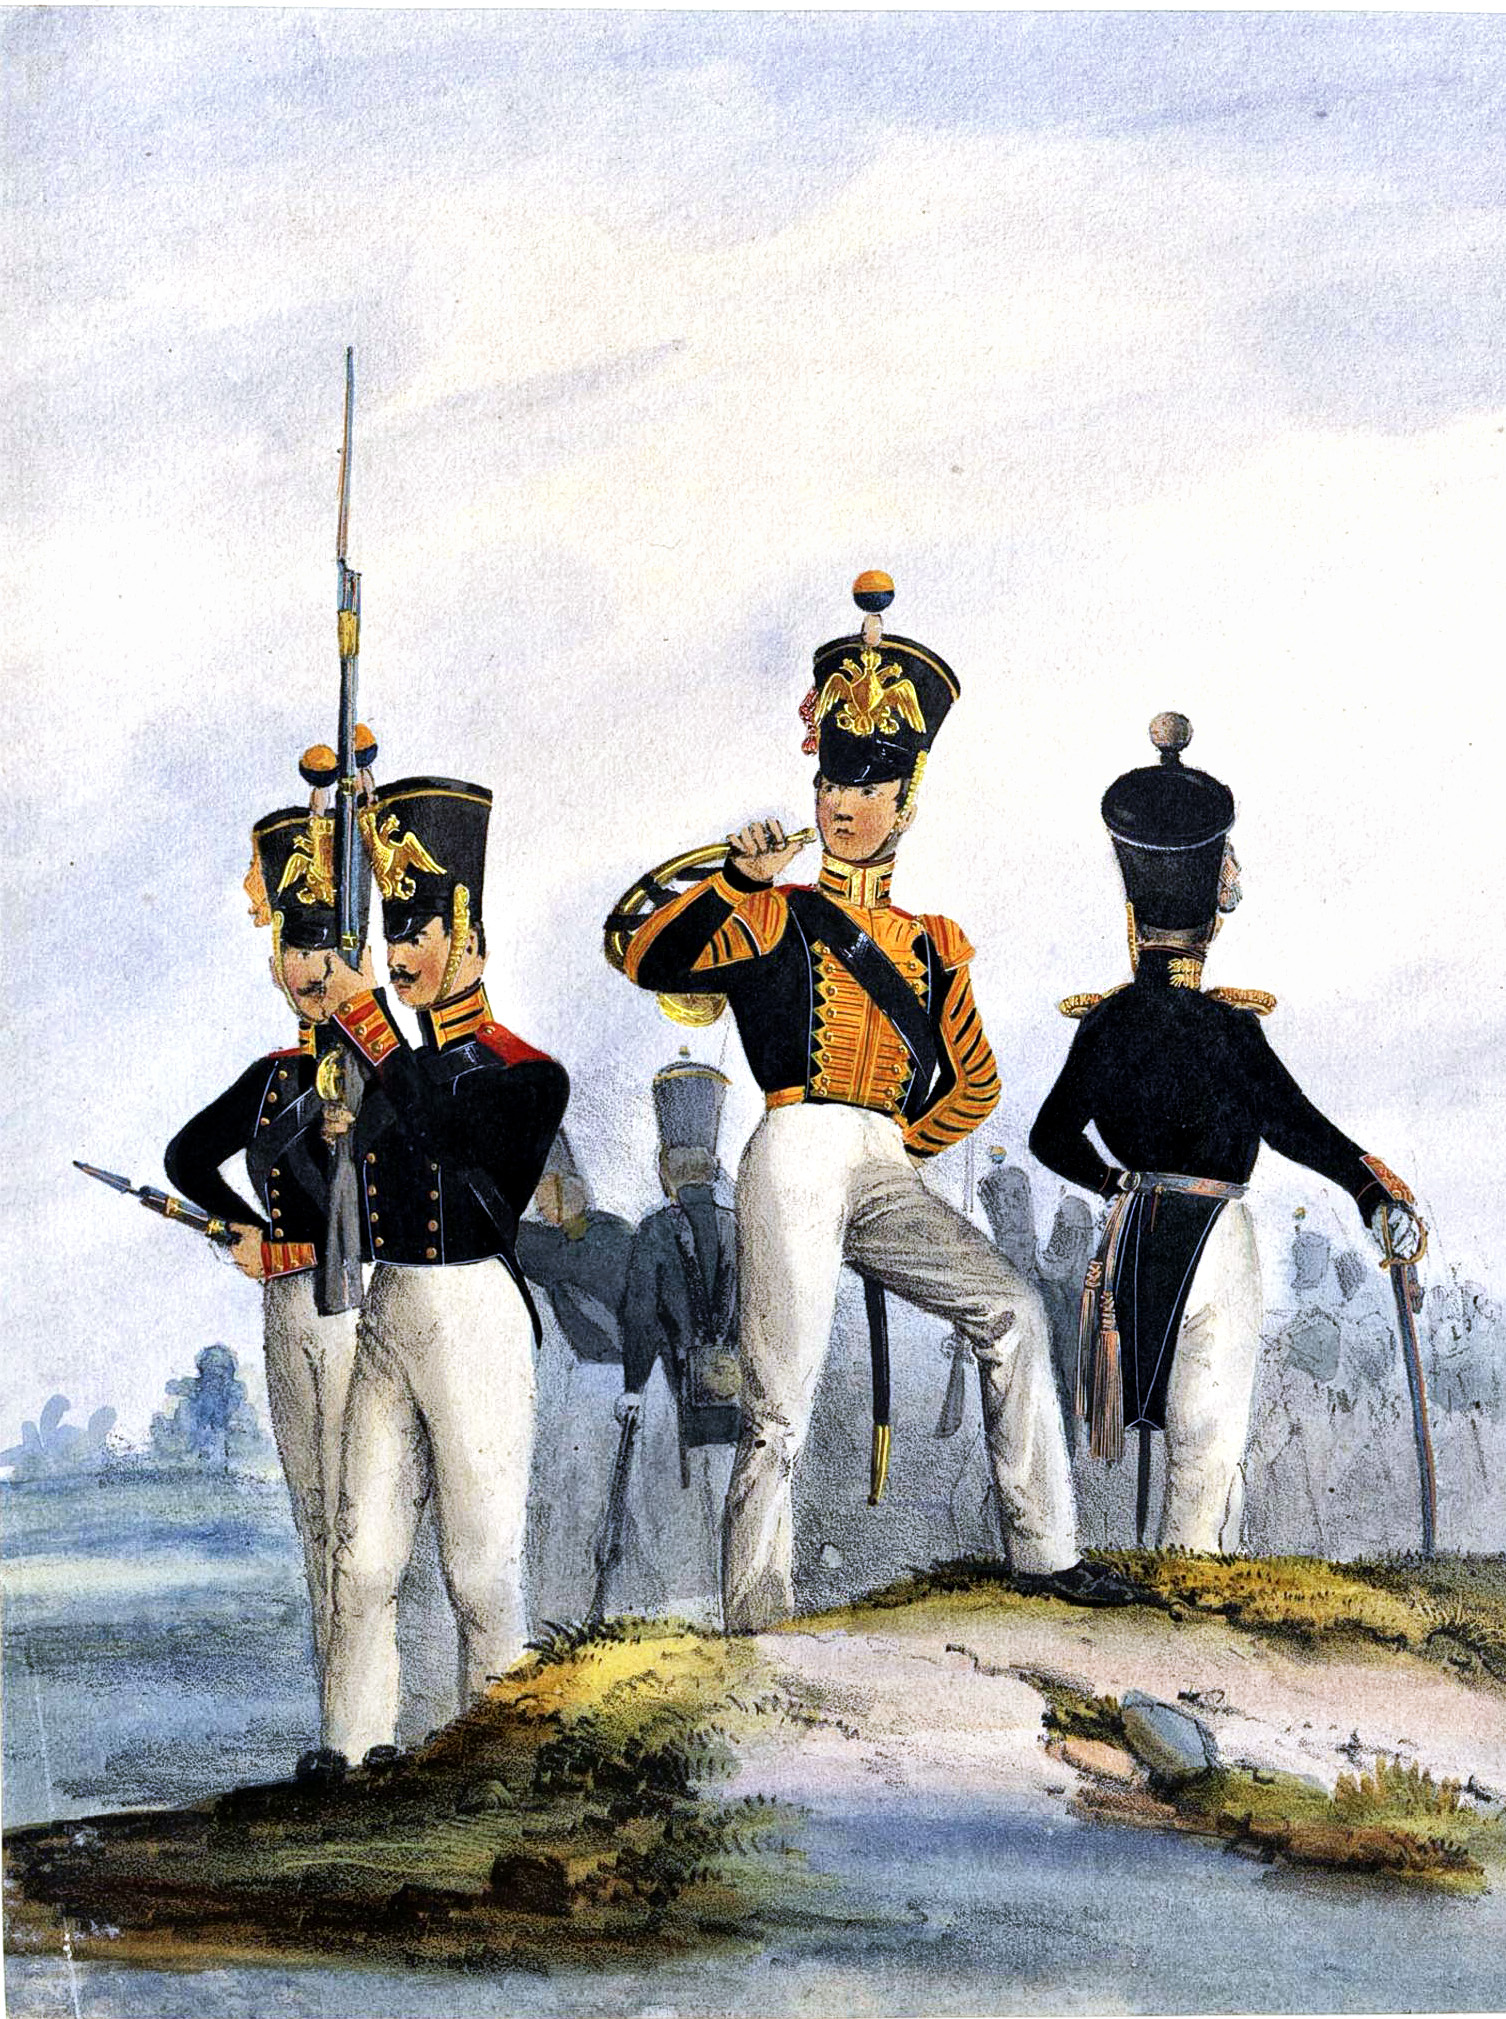 013. Kaiserthum Russland Regiment Garde-Jäger: Gemeine, Hornist, Subalternoffizier in Parade / Российская империя